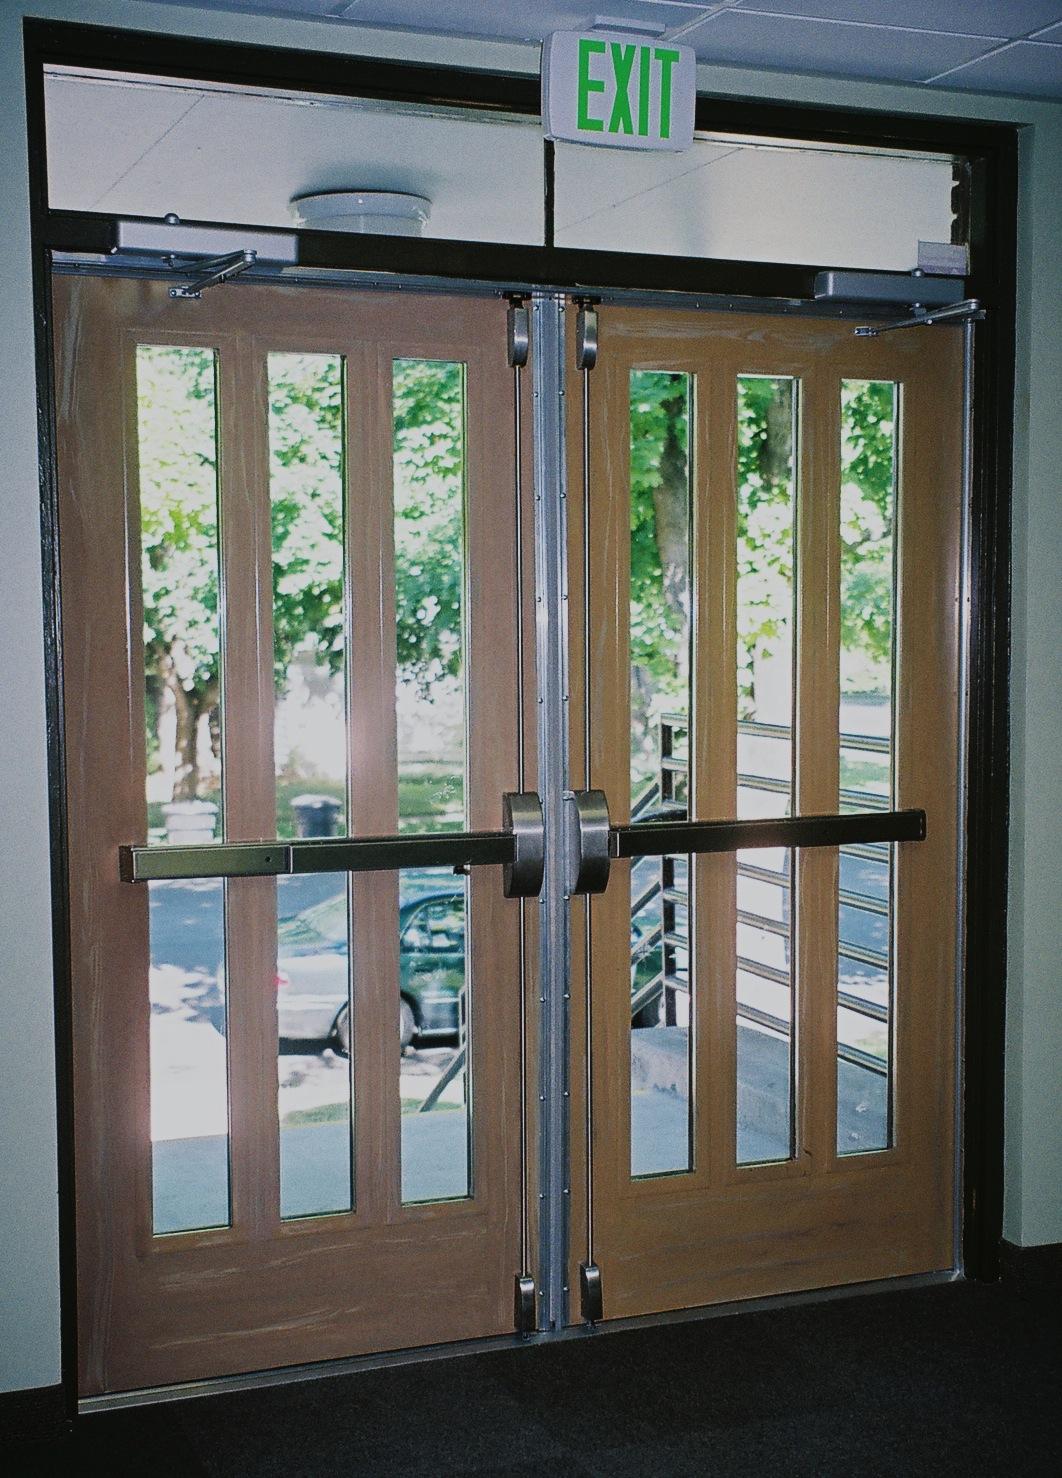 Replacement Windows   Carolinas   Window and Door Specialties   commercial door 2. & Replacement Windows   Carolinas   Window and Door Specialties ...